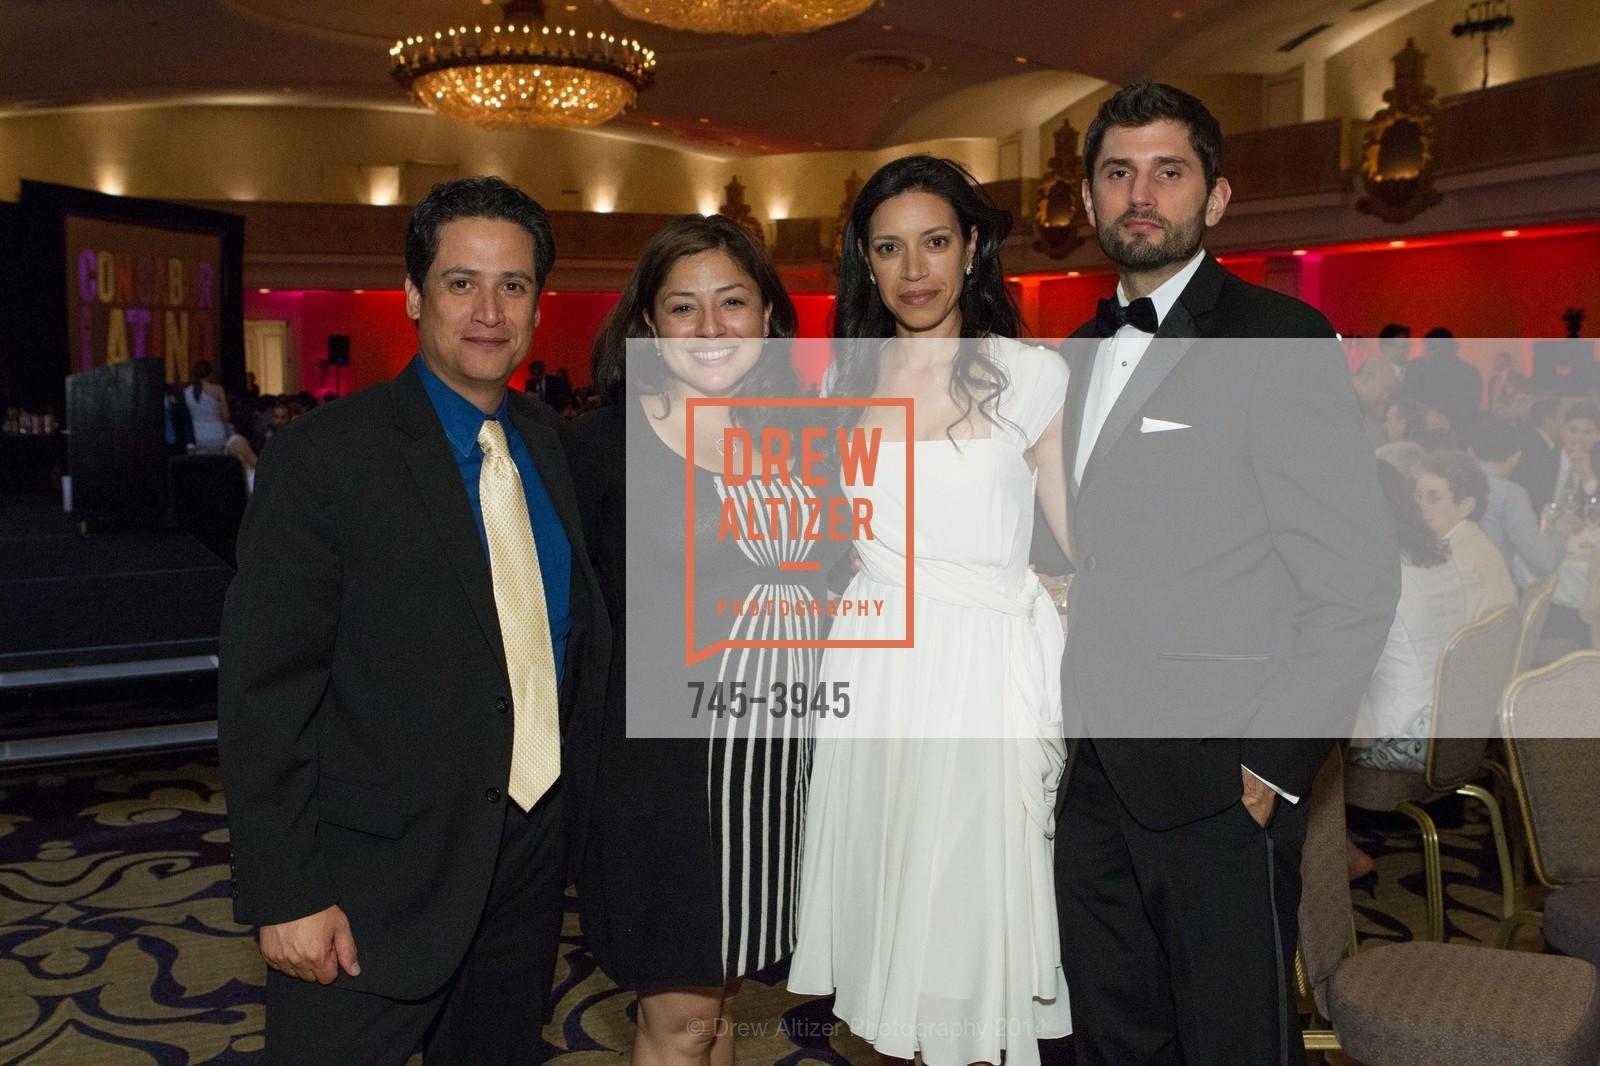 Max Medina, Ali Medina, Catherine Lelong, Simon Longbottom, Photo #745-3945